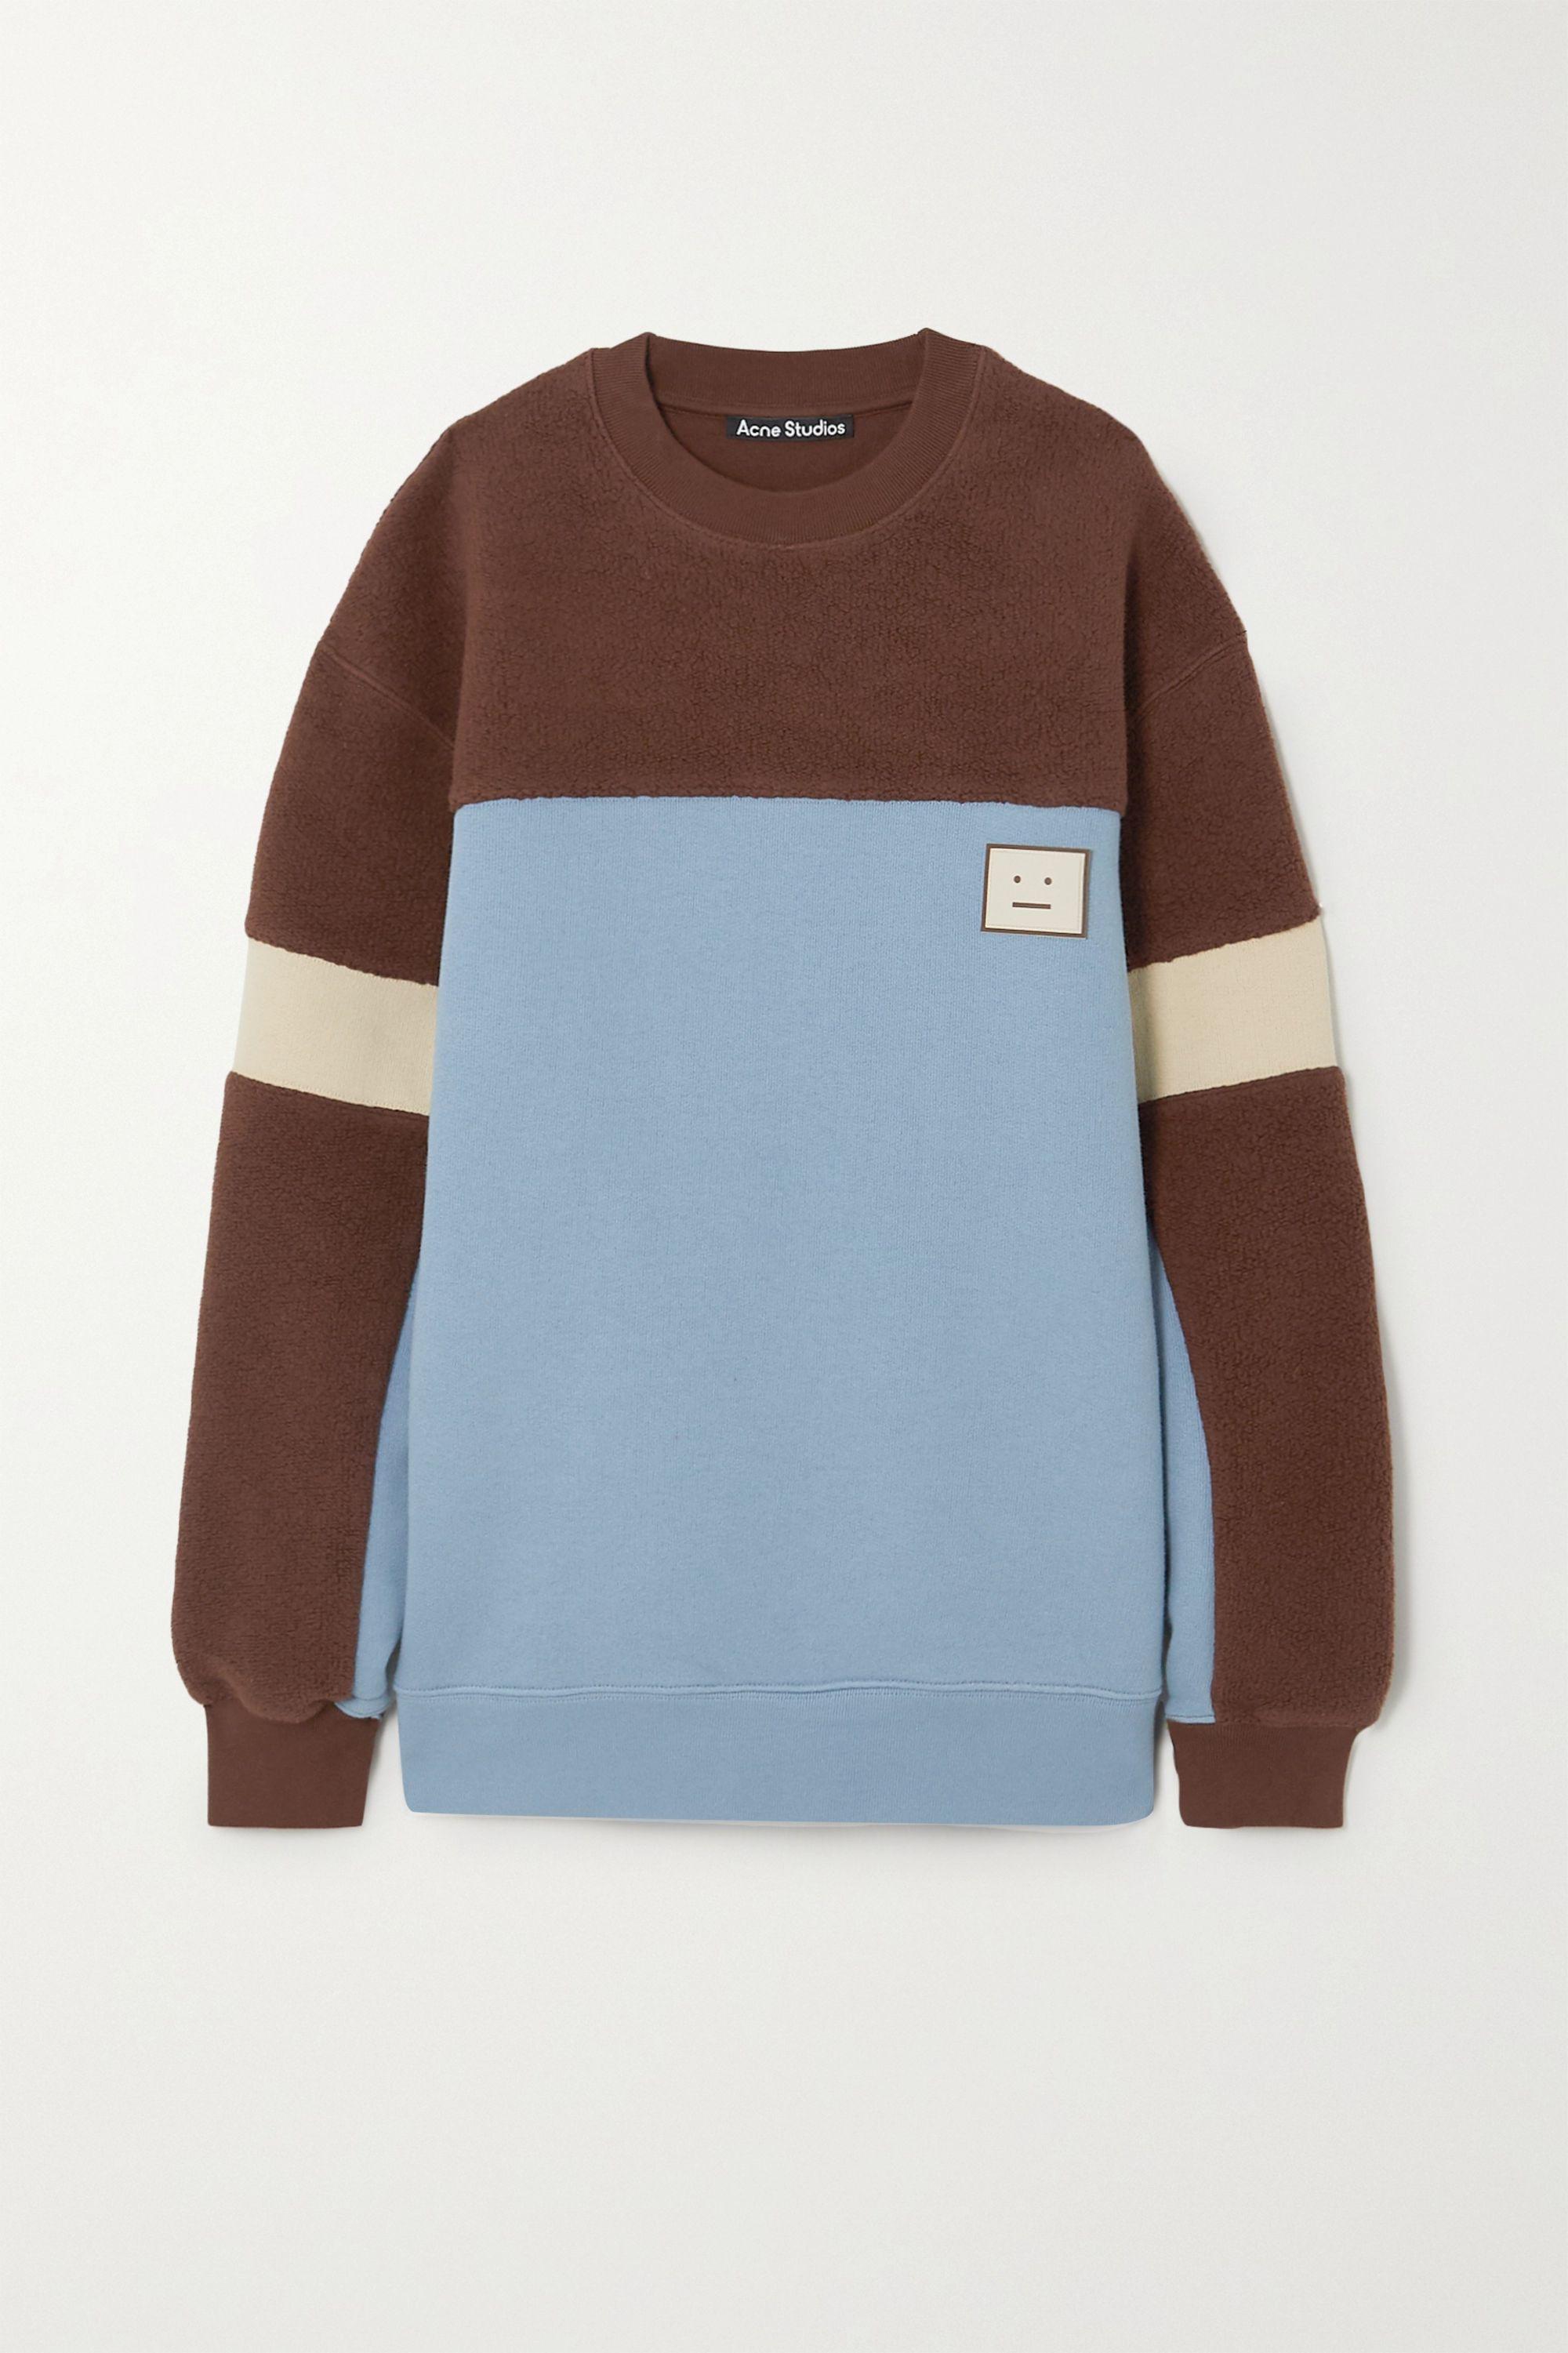 Acne Studios Paneled cotton-jersey and fleece sweatshirt